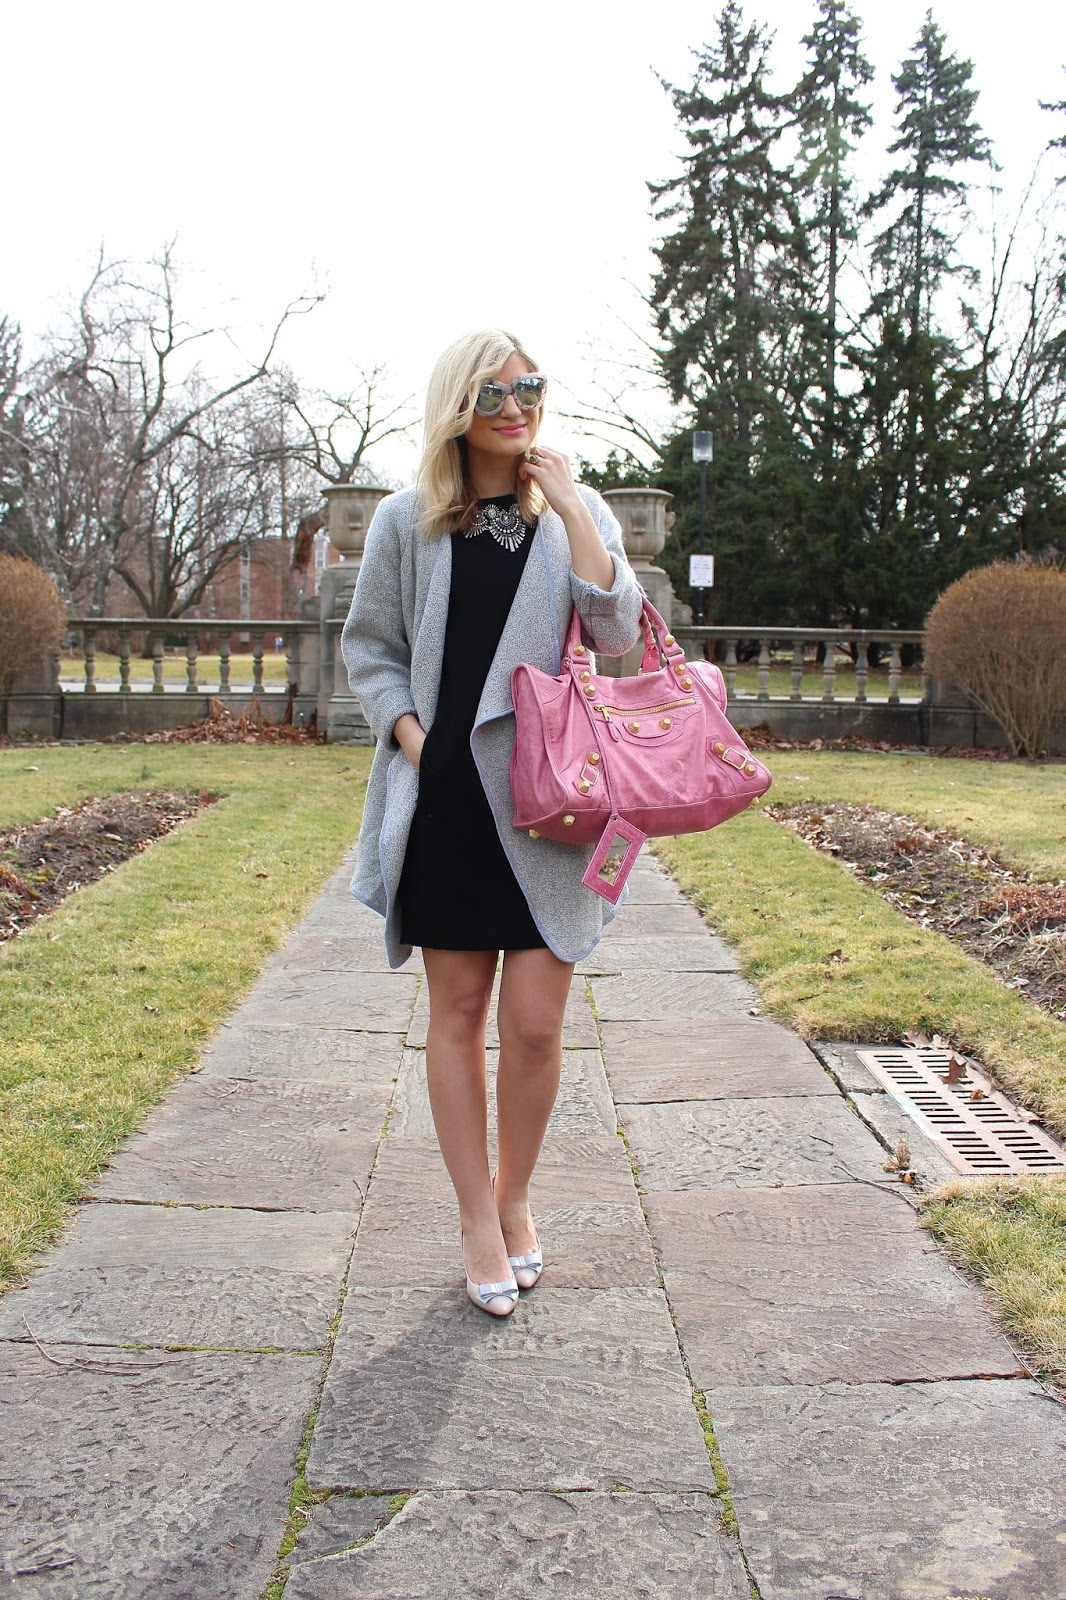 bijuleni- grey cardi and balenciaga purse